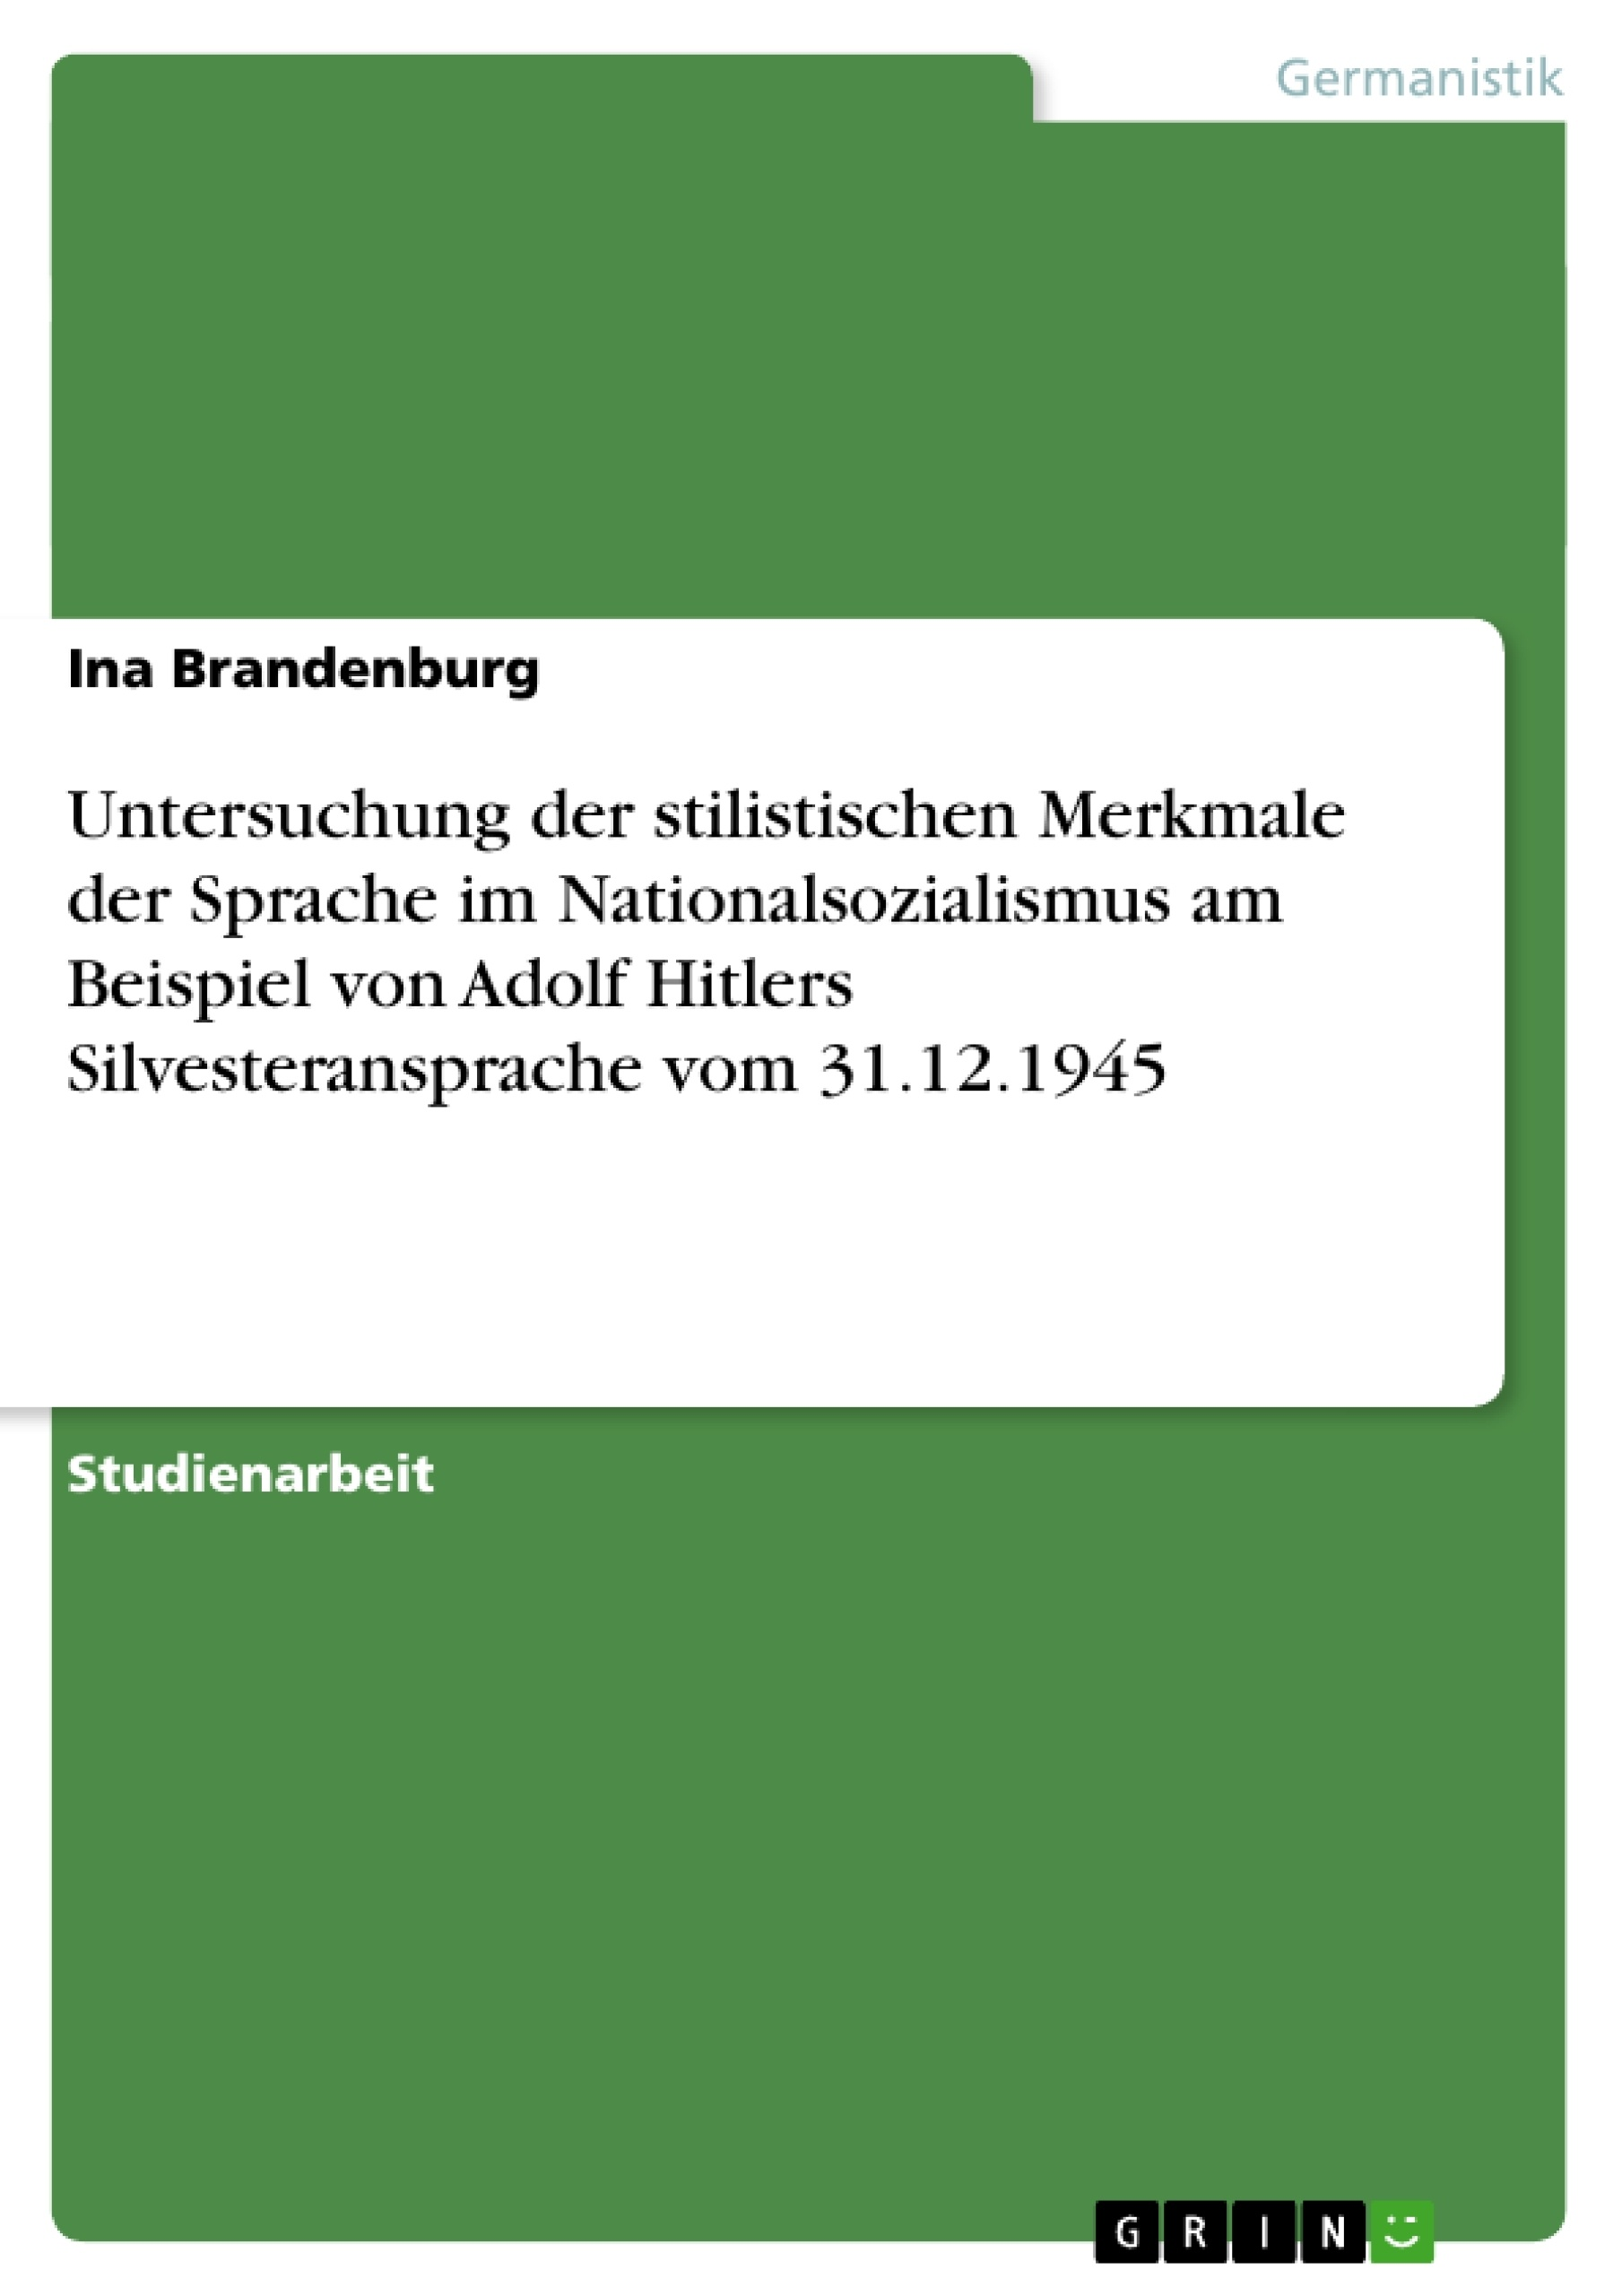 Titel: Untersuchung der stilistischen Merkmale der Sprache im Nationalsozialismus am Beispiel von Adolf Hitlers Silvesteransprache vom 31.12.1945